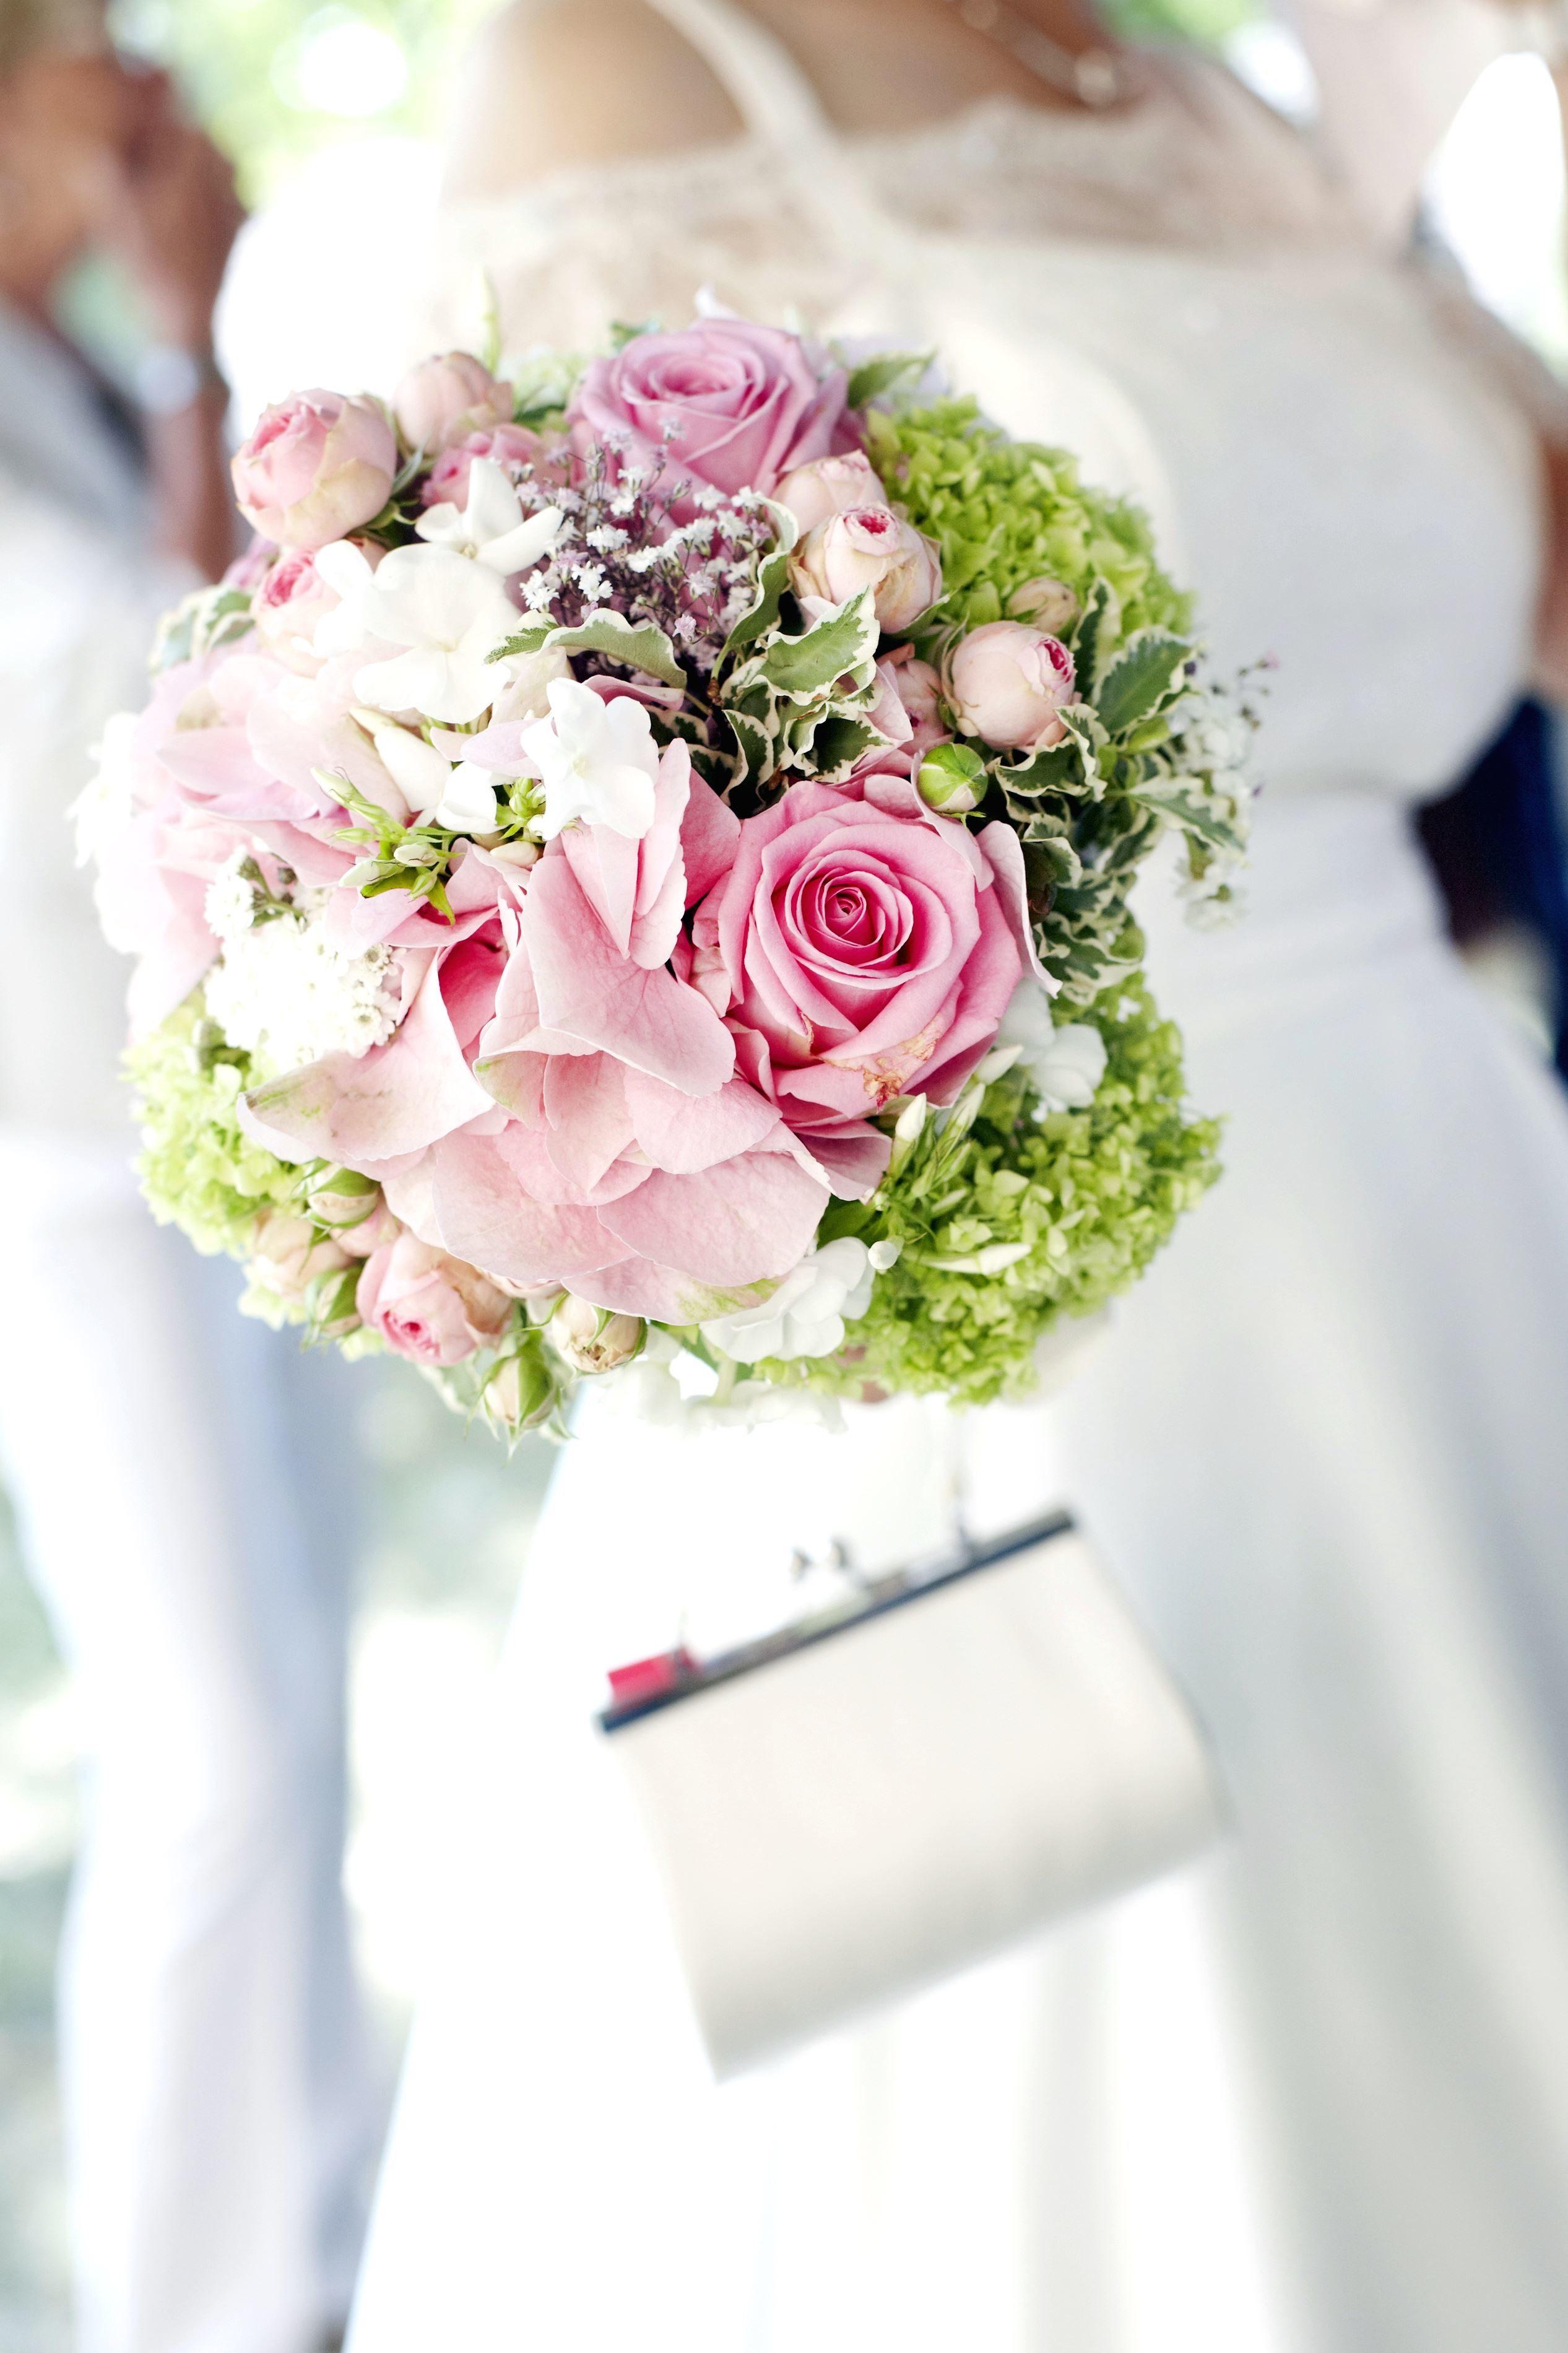 Kostenlose Bild: Braut, Hochzeit, Feier, Zeremonie, Dekoration ...